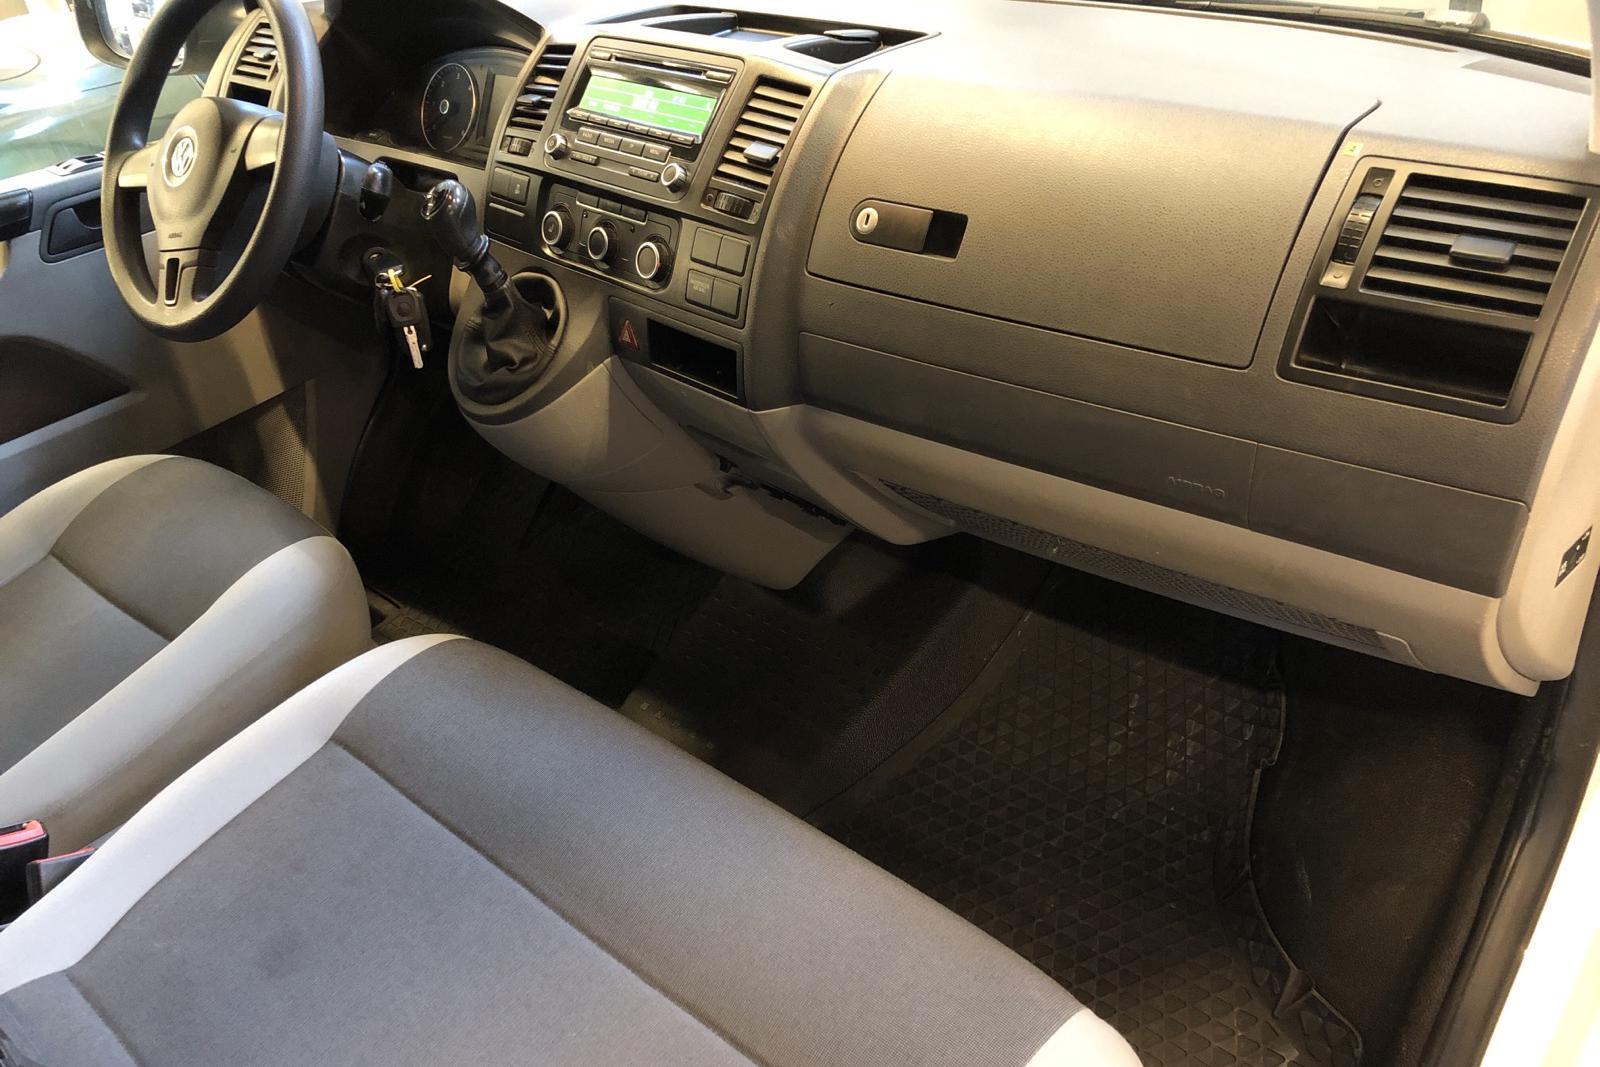 VW Transporter T5 2.0 TDI (140hk) - 25 969 mil - Manuell - vit - 2014